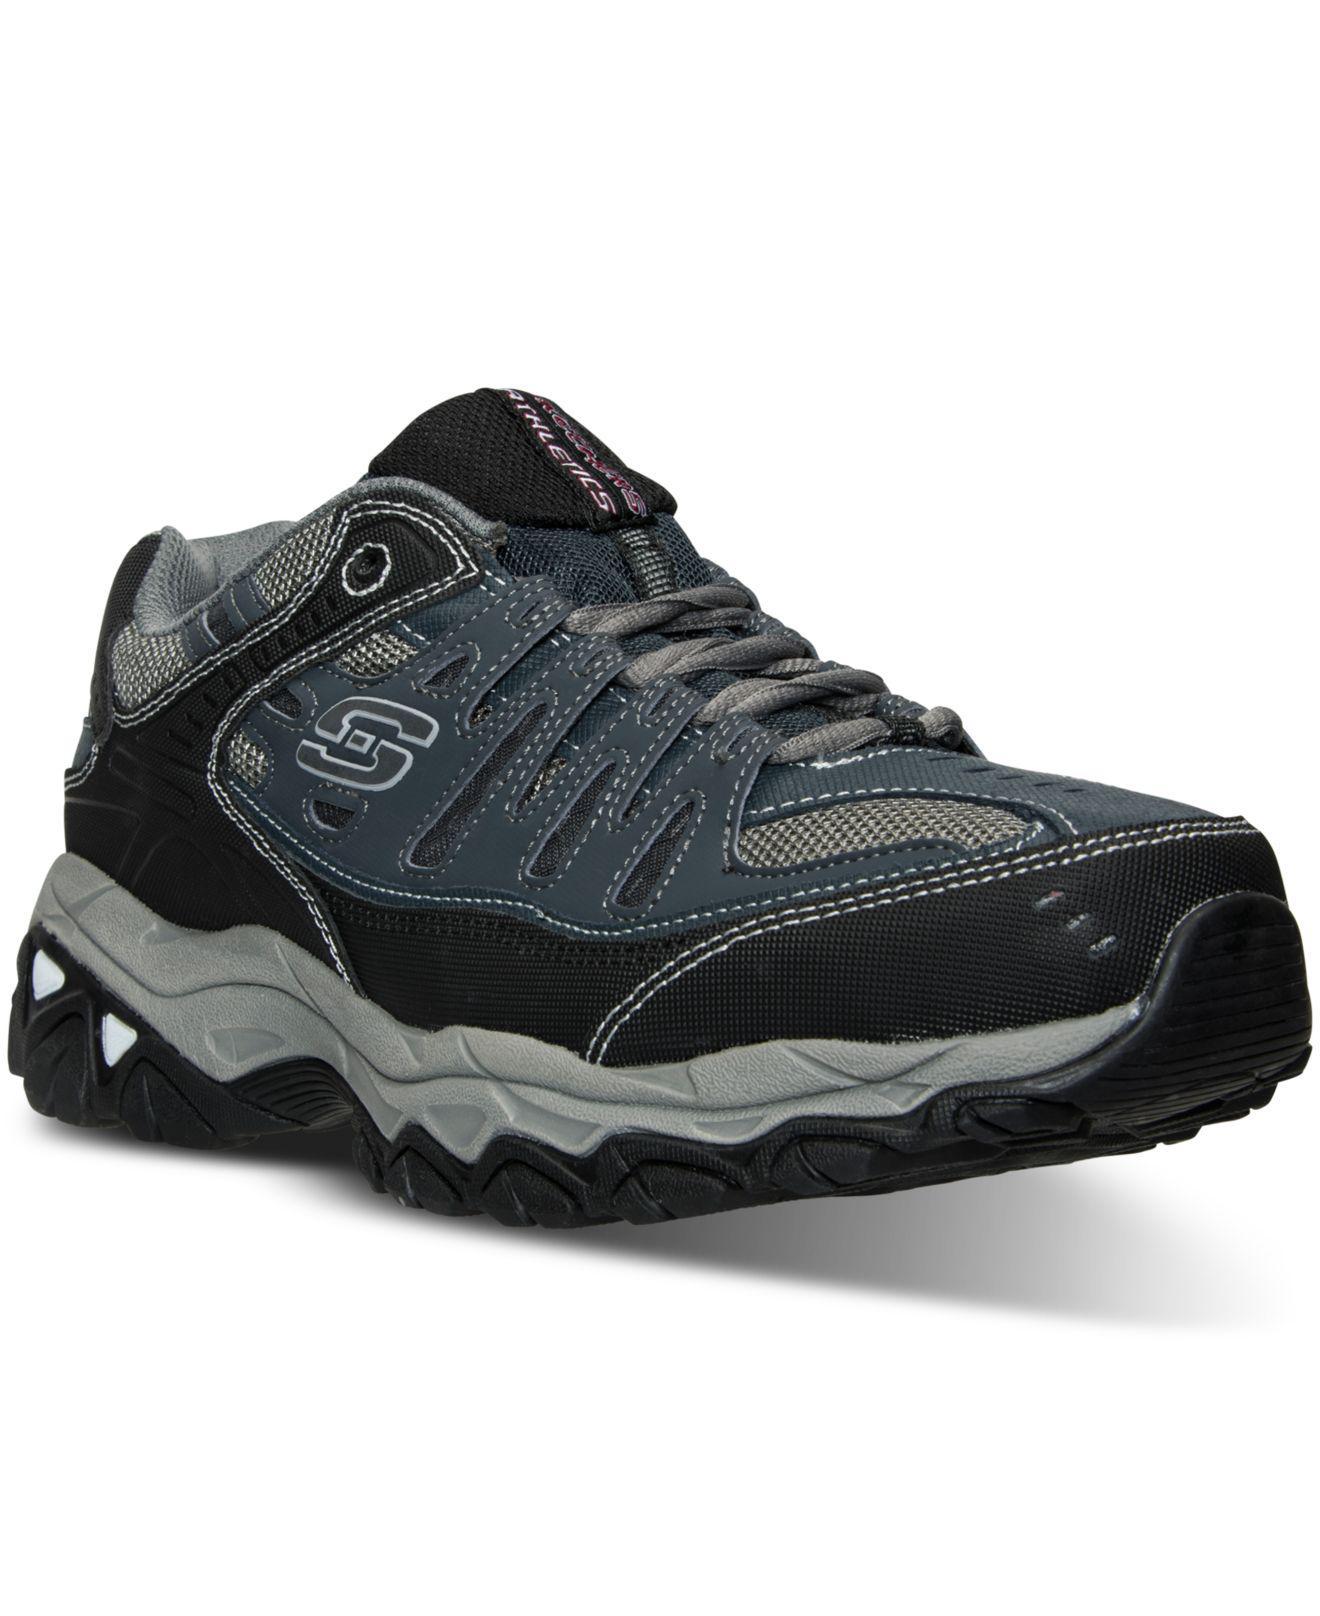 c5e097db1dd2 Skechers. Blue Men s After Burn - Memory Fit Wide Width Training Sneakers  ...